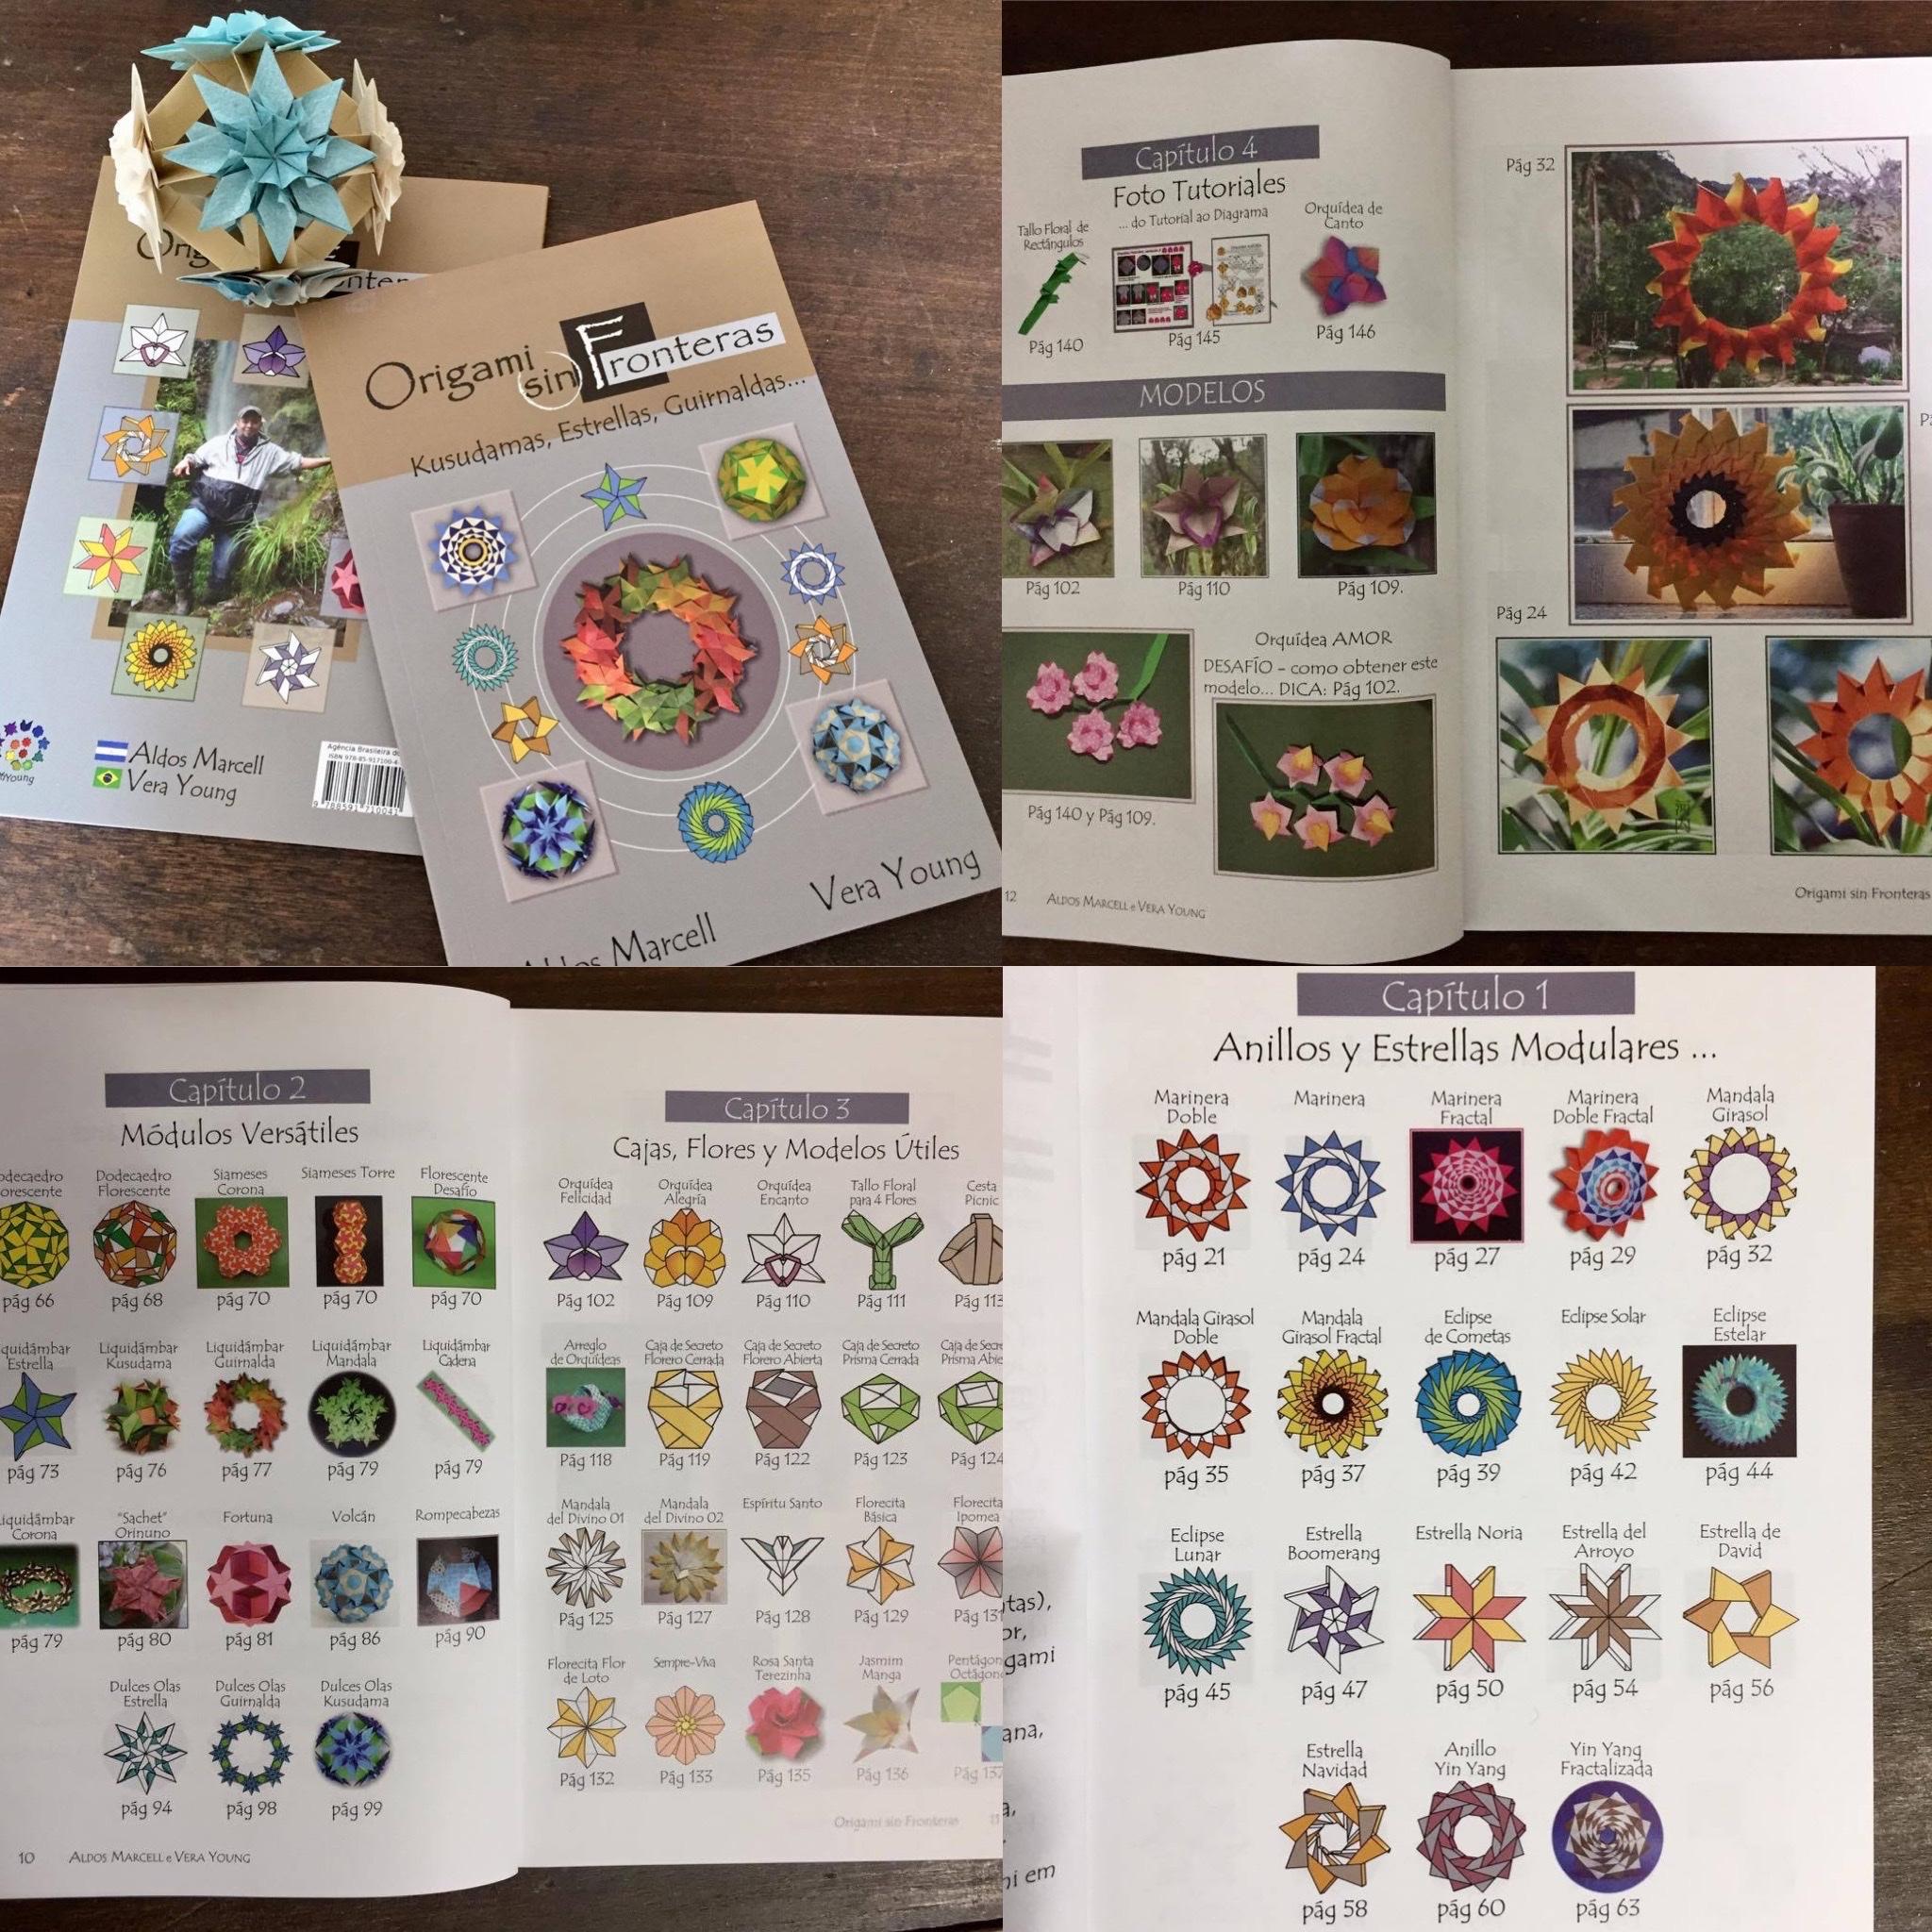 livro de origami, flores, kusudamas, origami modular, decoração, utilitários, guirlandas, arranjos florais, estrelas, mandalas